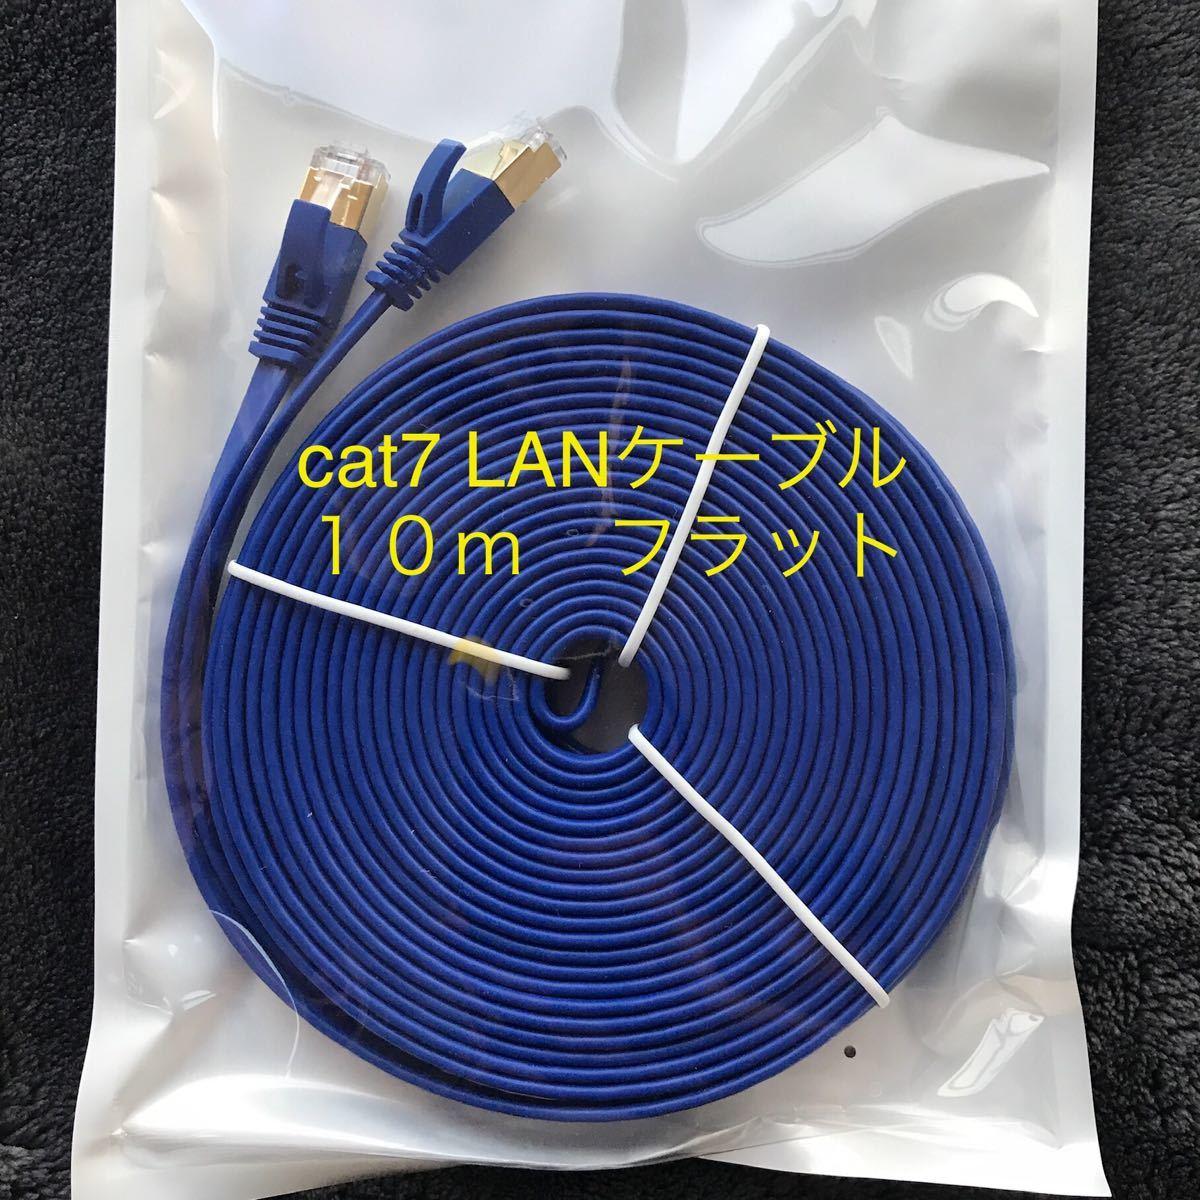 ◇新品未使用◇ 高速 CAT7 LANケーブル フラット 10m 【送料込み】